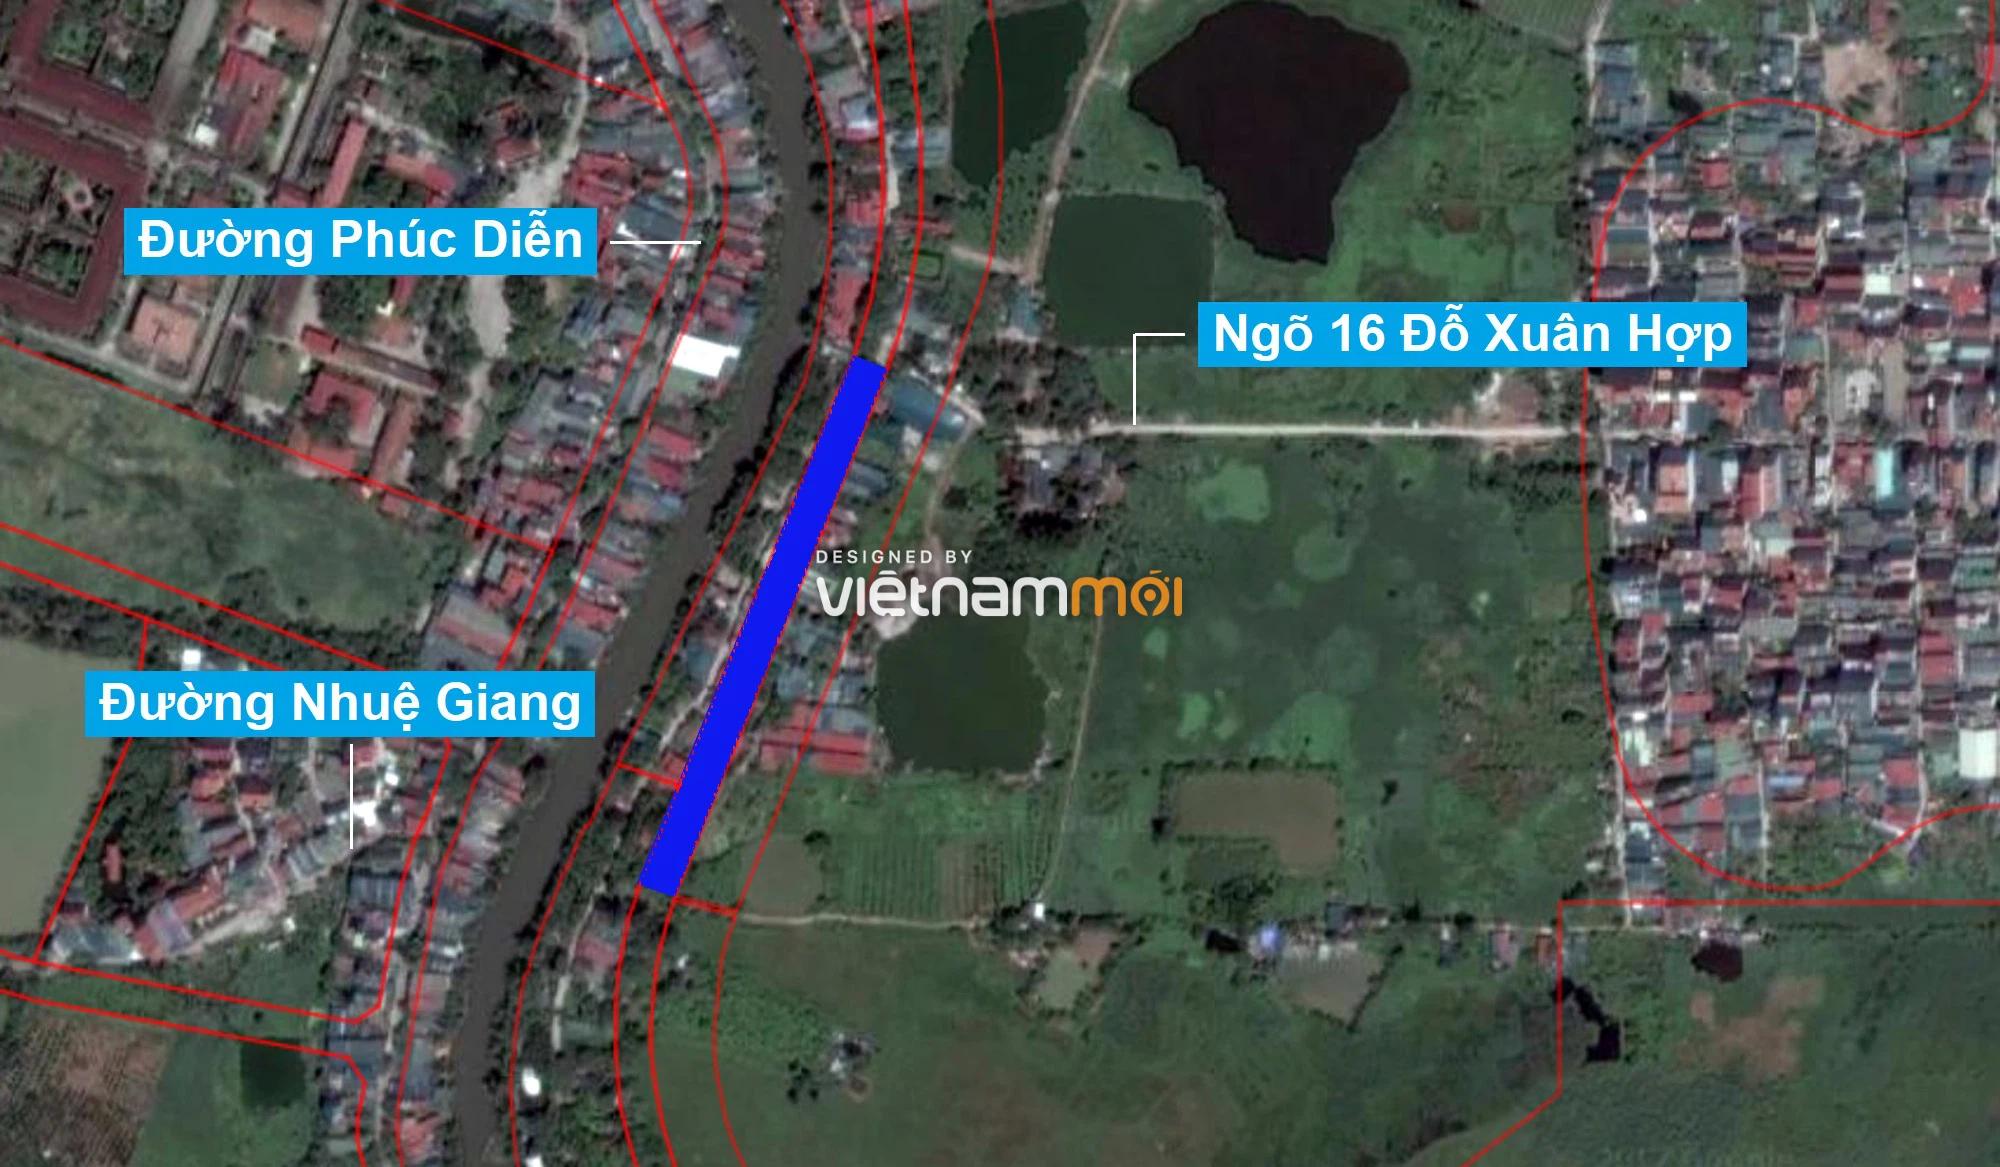 Những khu đất sắp thu hồi để mở đường ở phường Mỹ Đình 1, Nam Từ Liêm, Hà Nội (phần 1) - Ảnh 7.